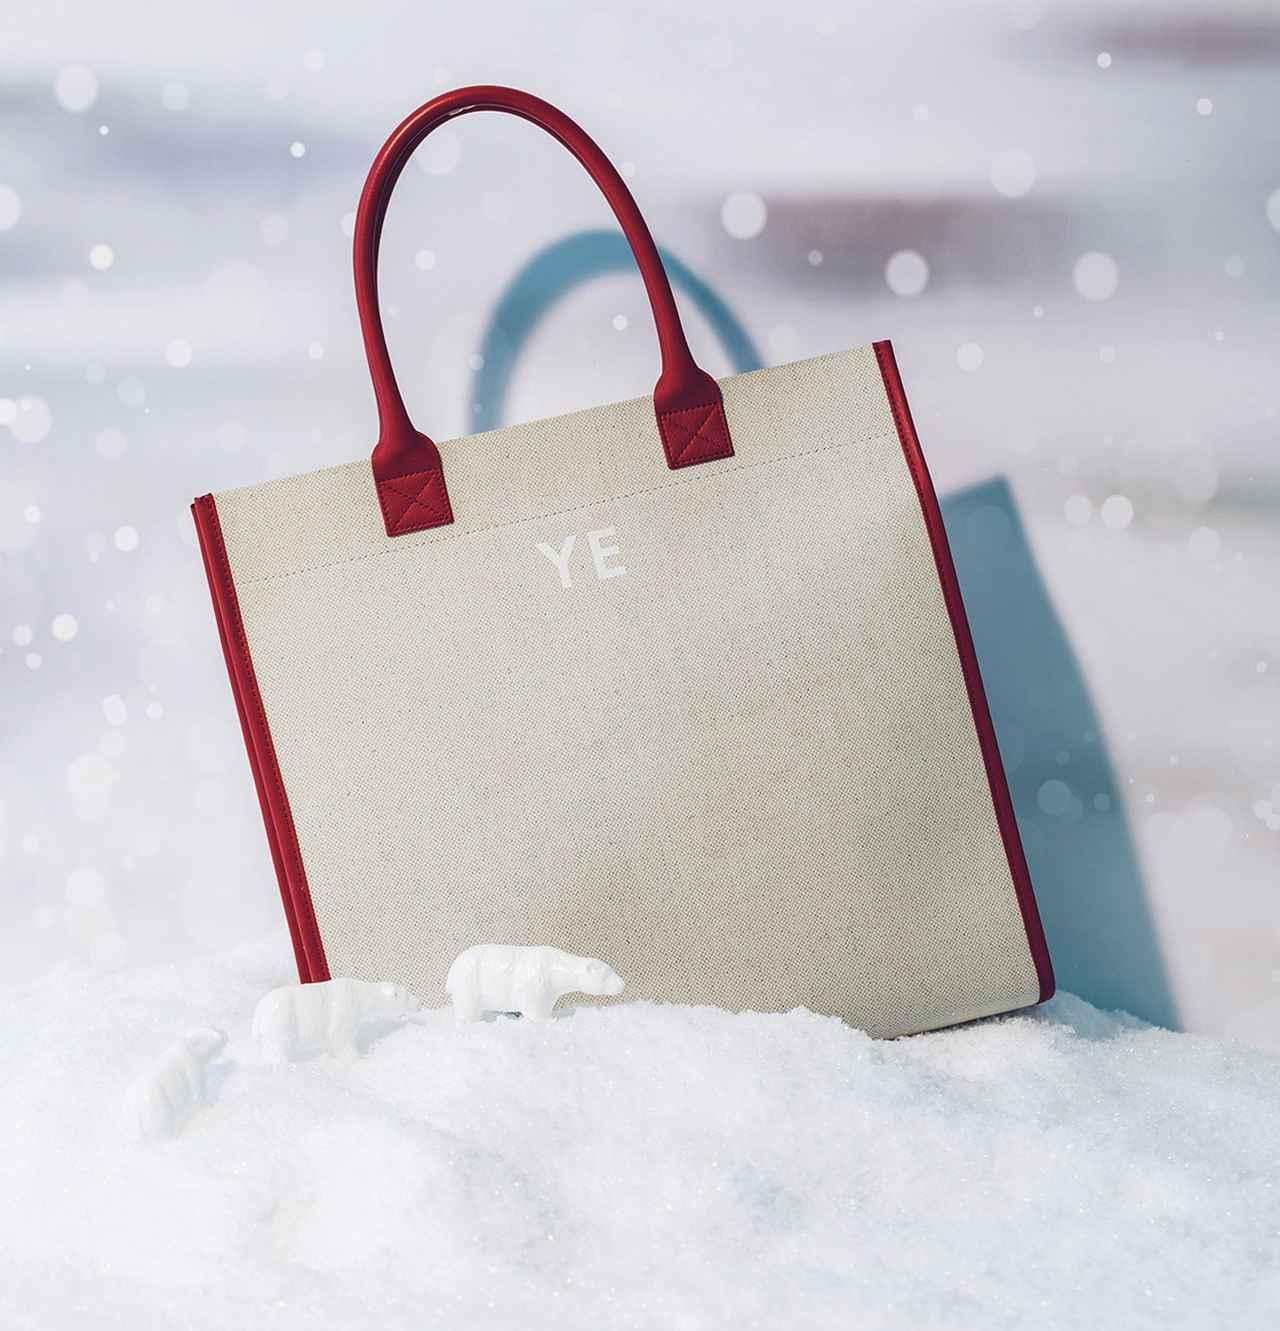 Images : 10番目の画像 - 「目利きが厳選。 大切な人へ届けたい 冬の贈り物 <Vol.2>」のアルバム - T JAPAN:The New York Times Style Magazine 公式サイト